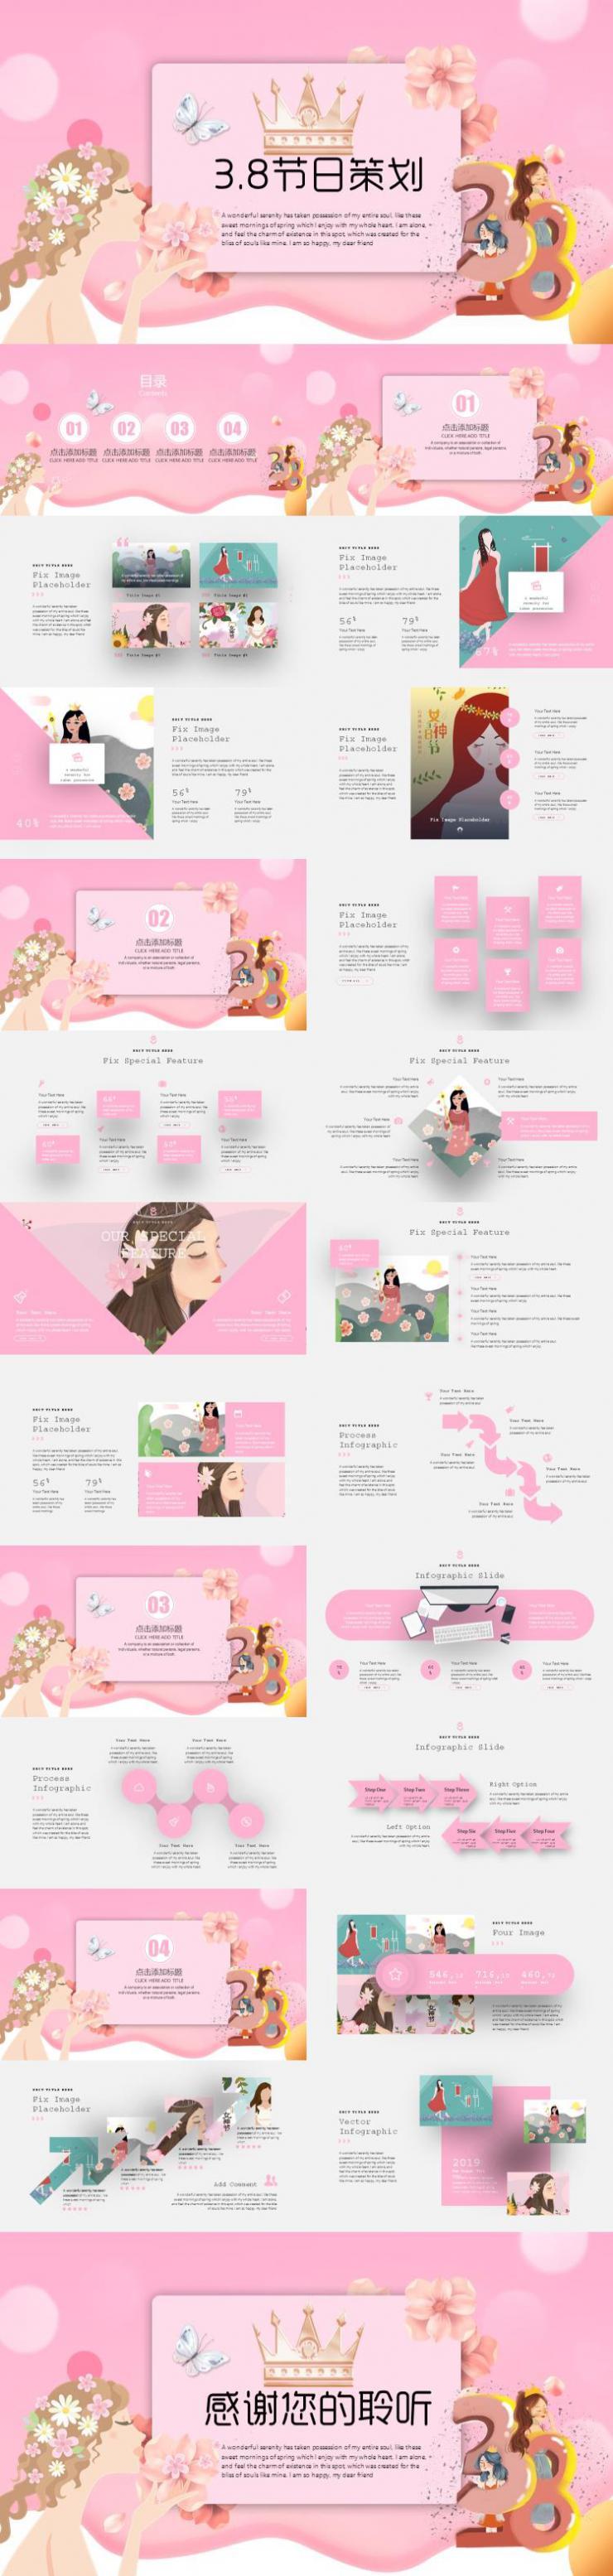 粉色三八女神节水彩女孩插画节日策划PPT模板